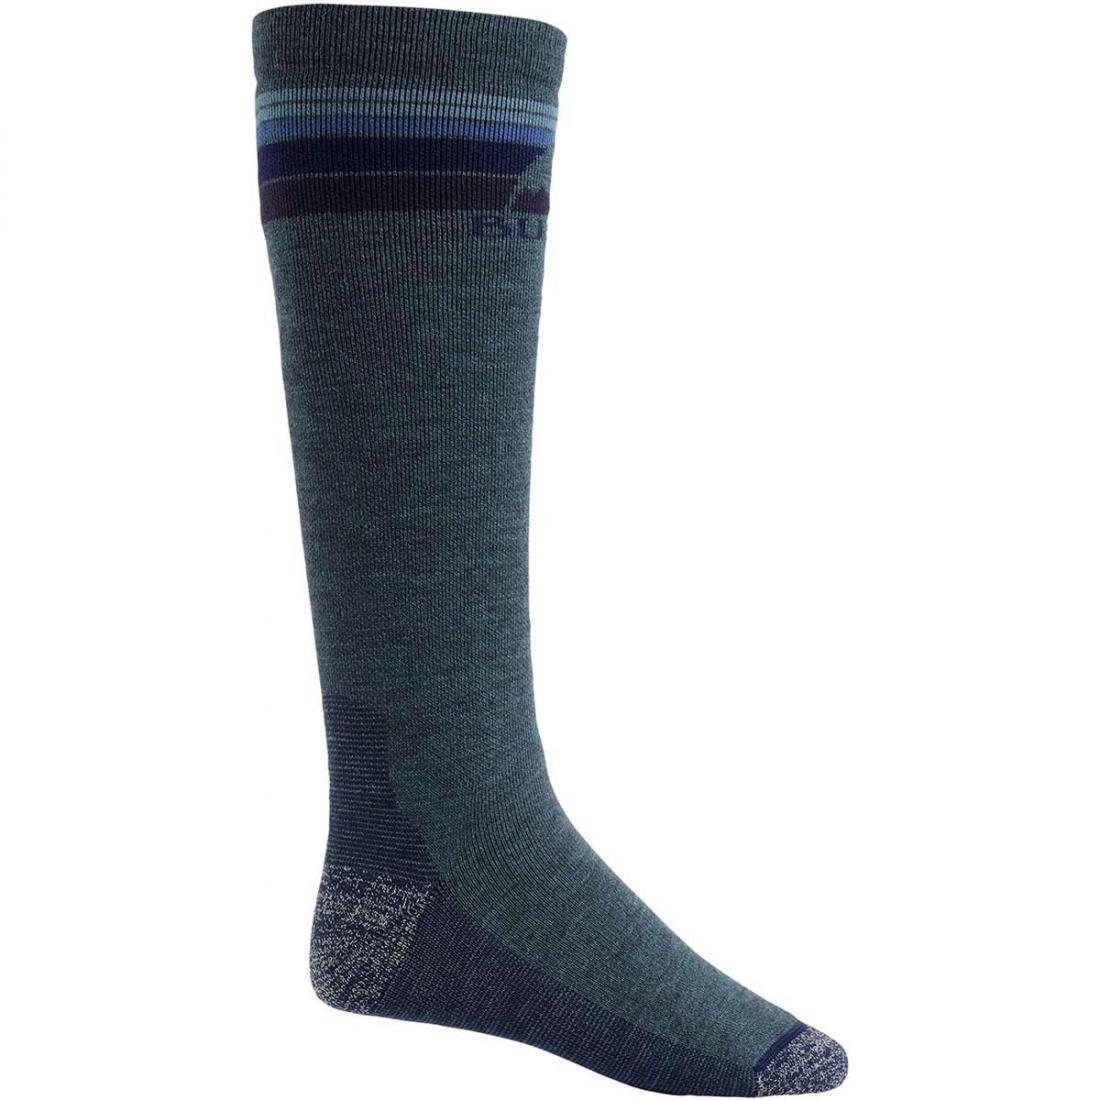 Носки сноубордические Burton Emblem Midweight  купить в Boardshop №1